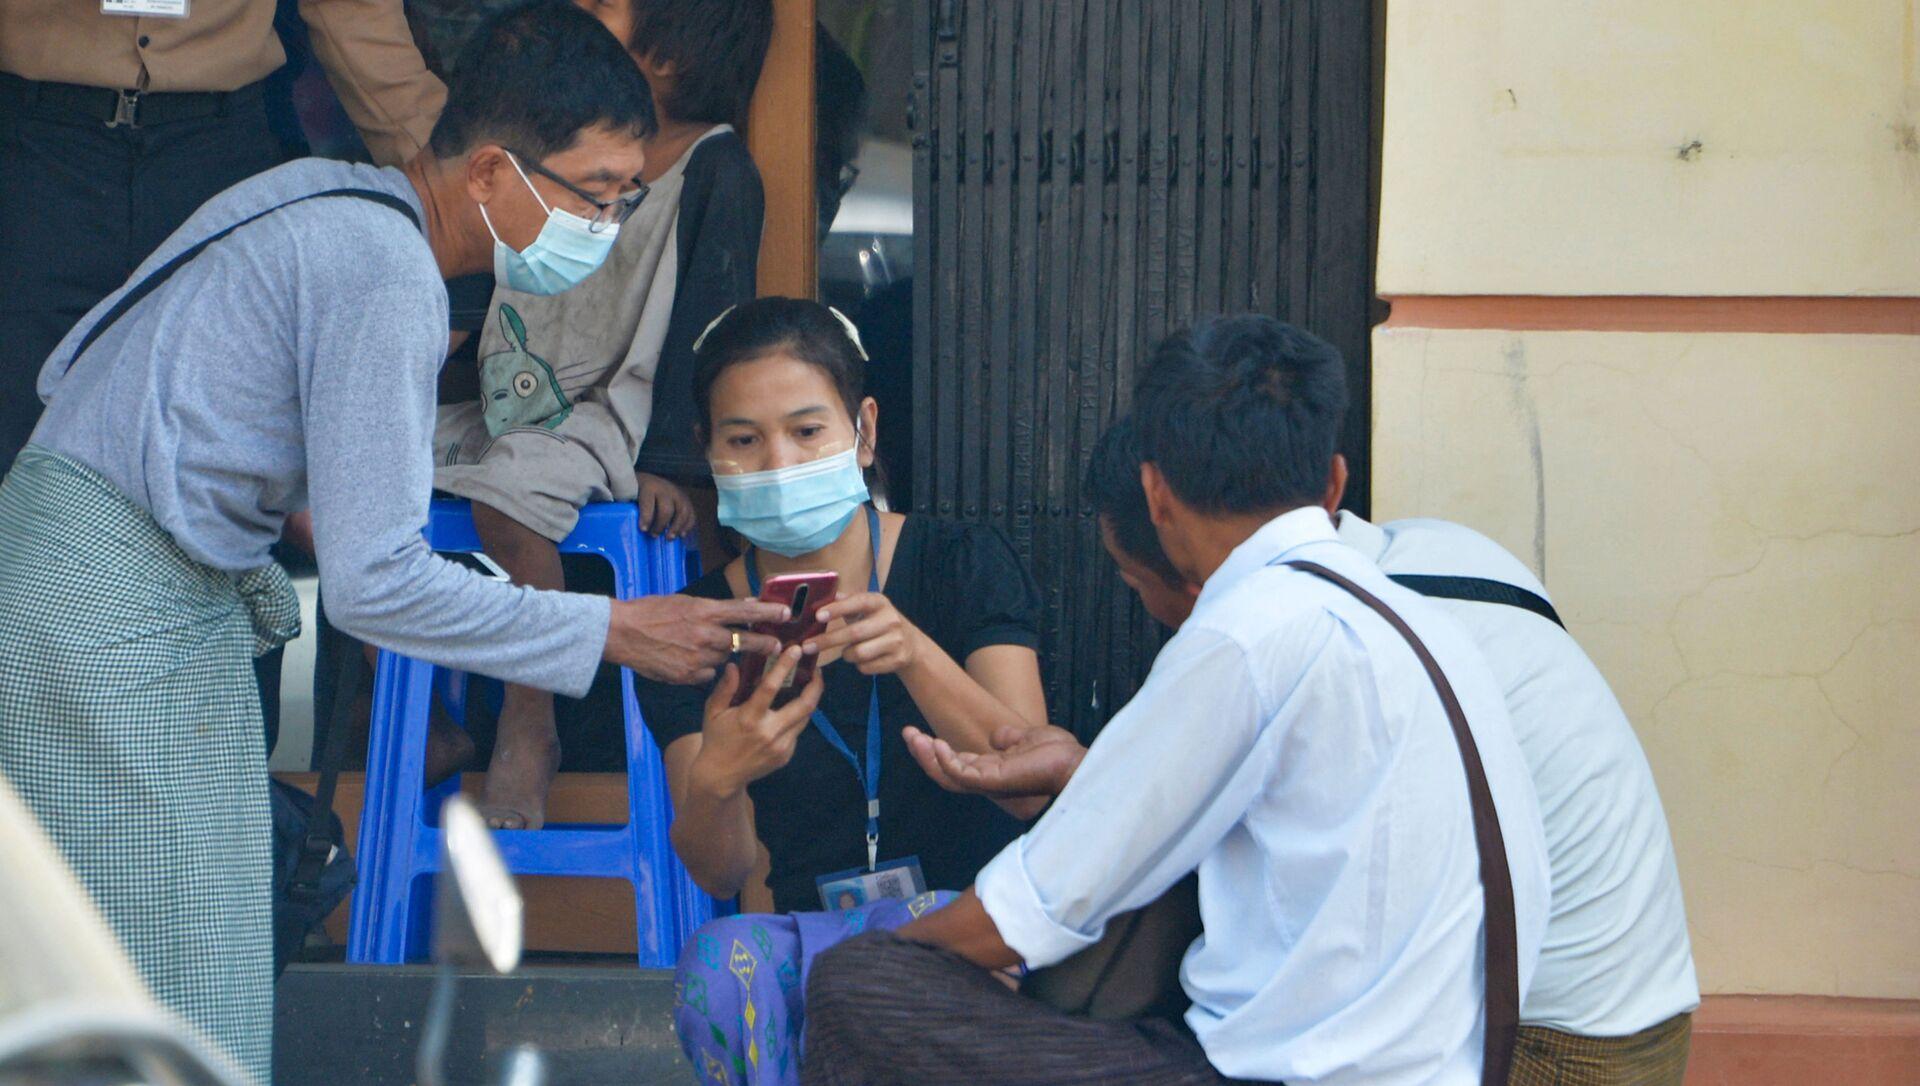 Các cư dân Myanmar với chiếc điện thoại trong cửa hiệu. - Sputnik Việt Nam, 1920, 21.03.2021